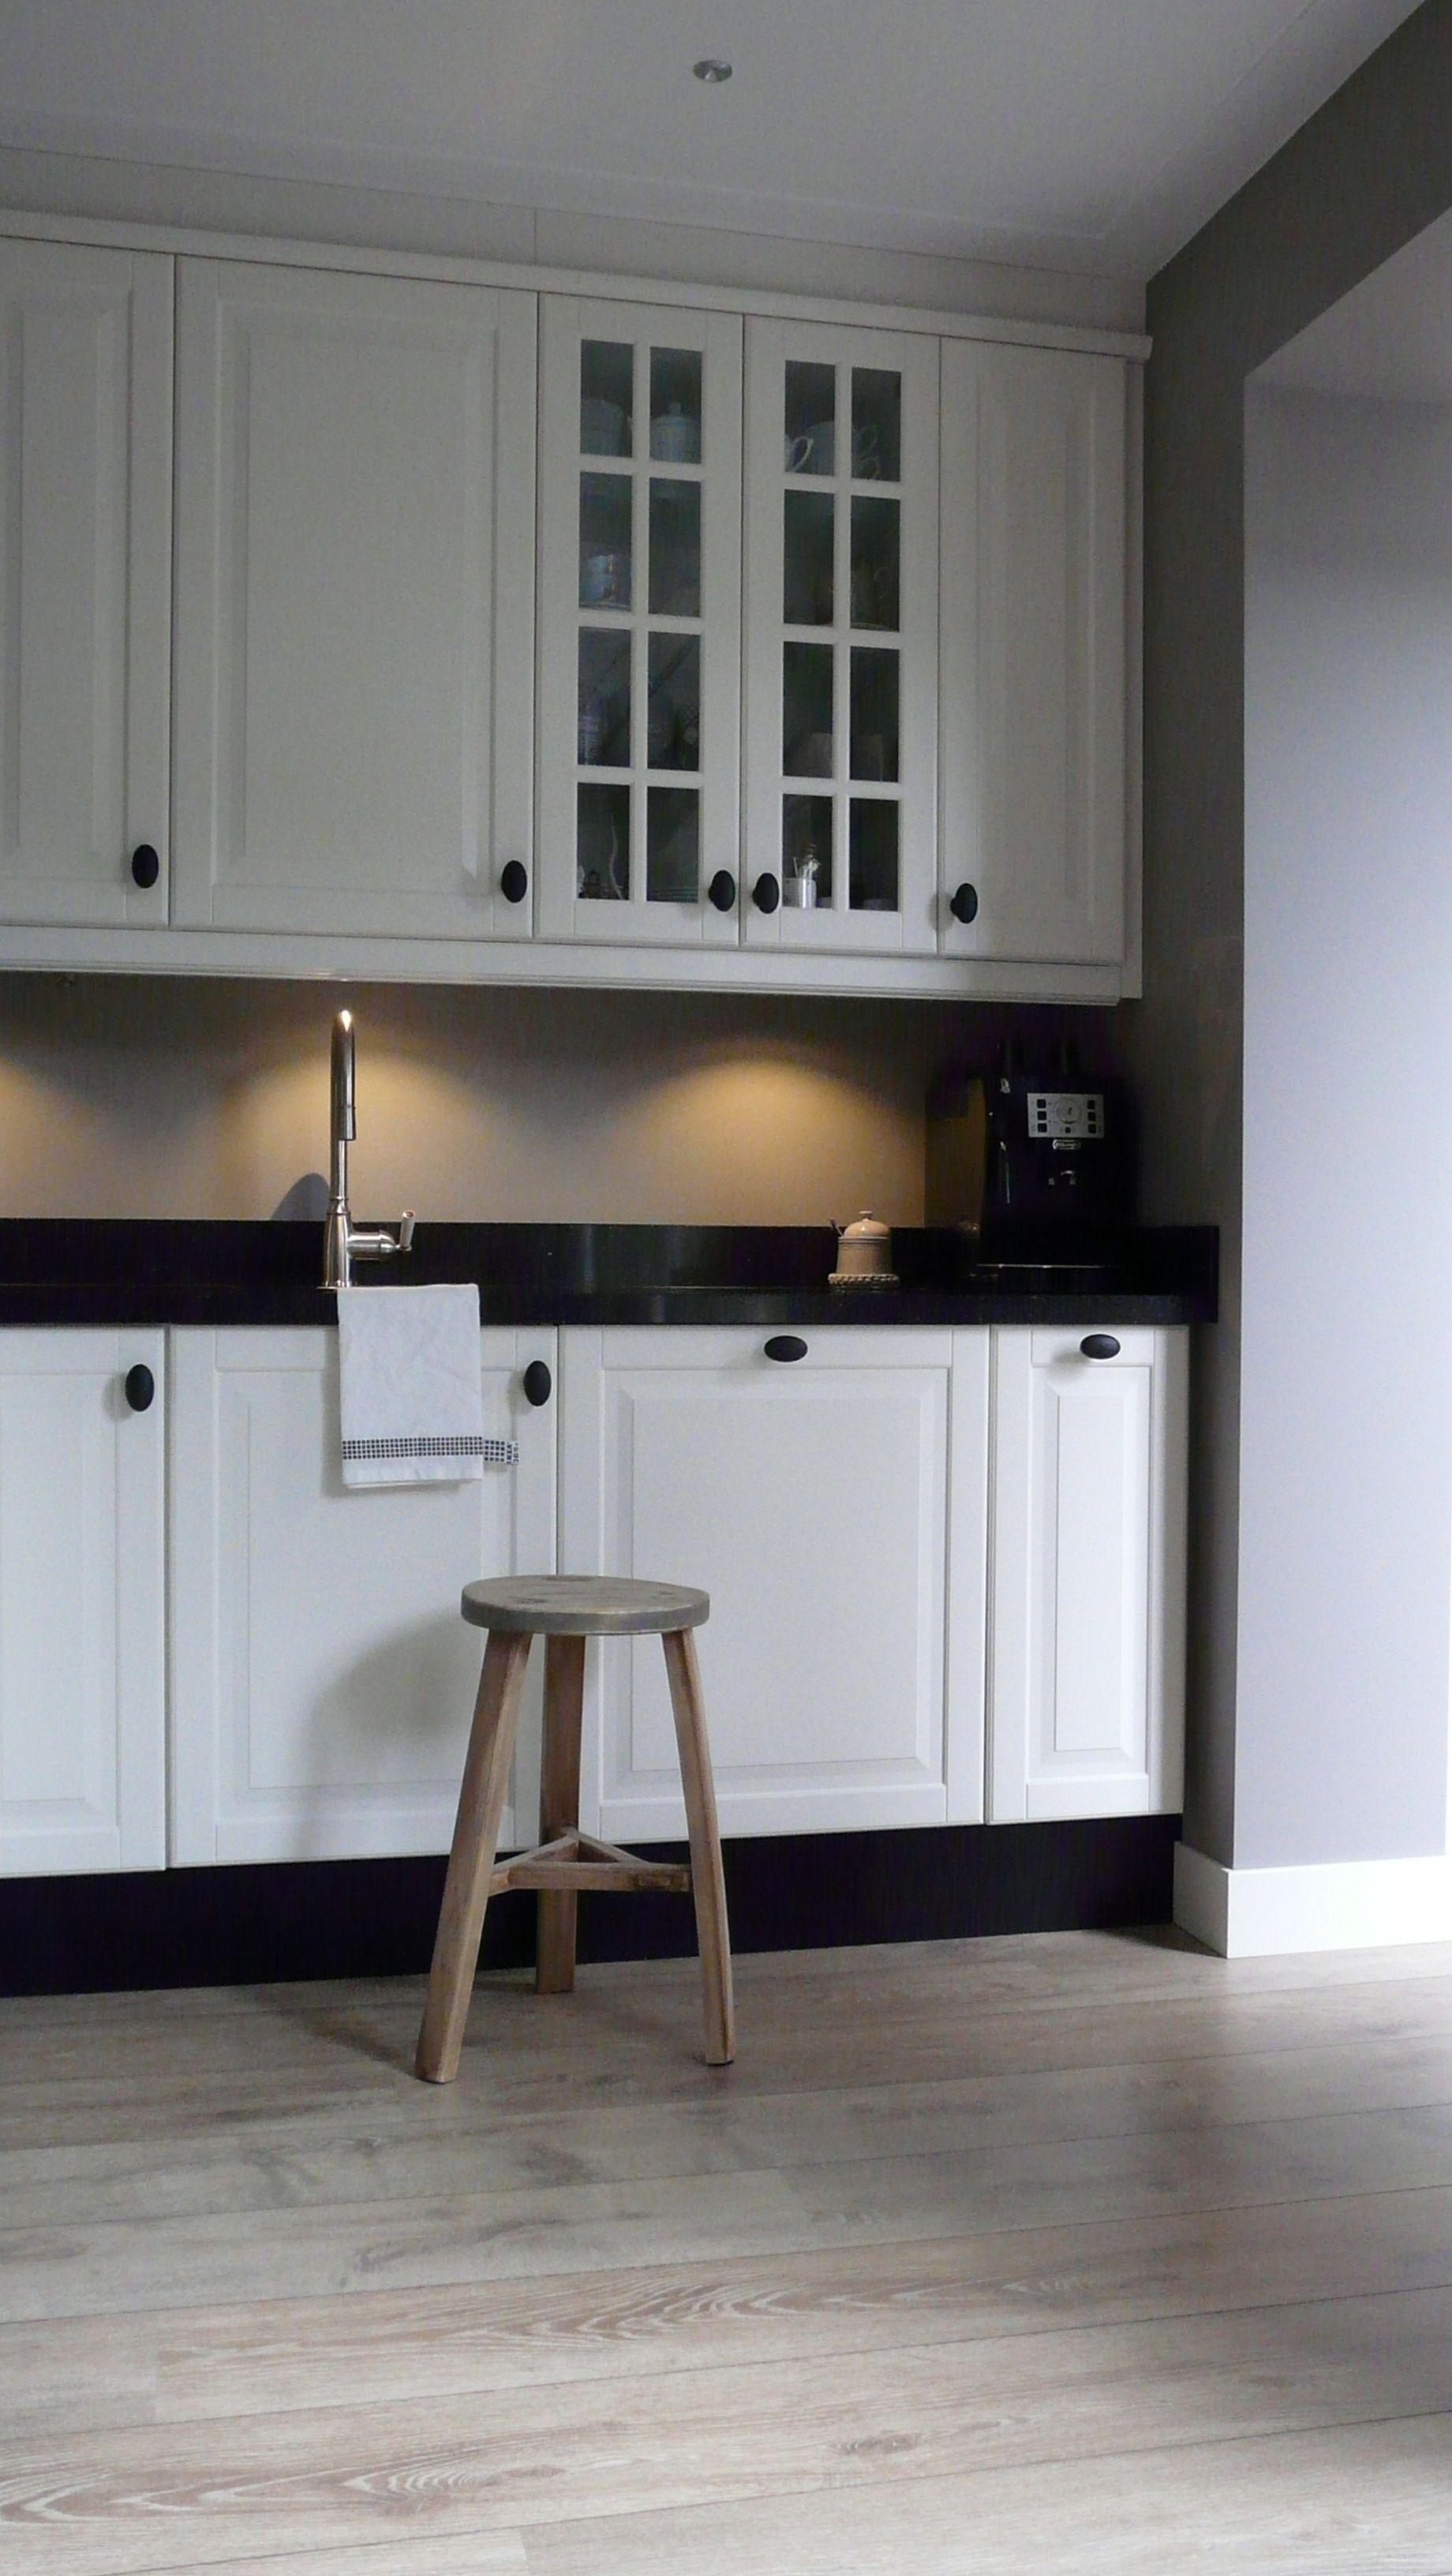 Mijn ikea keuken ikea pinterest kitchens and house for Keuken samenstellen ikea